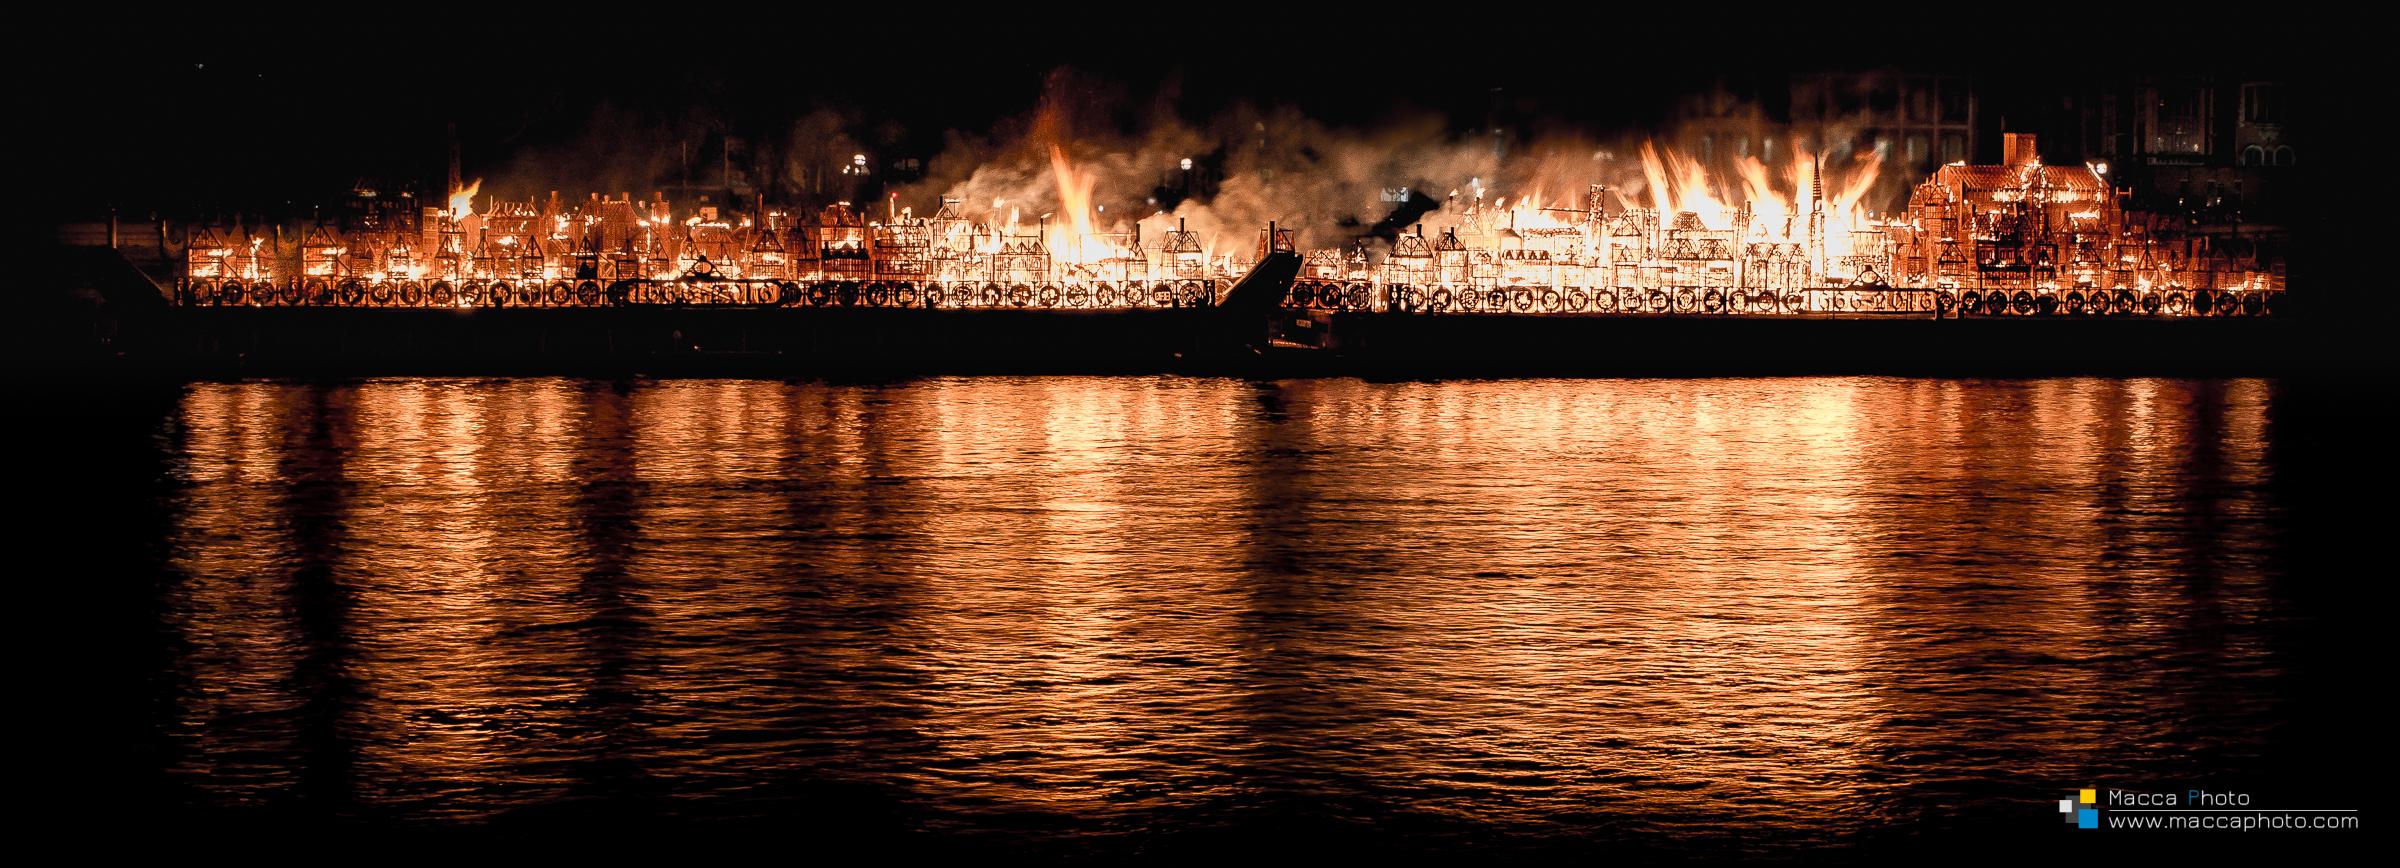 London's Burning 2